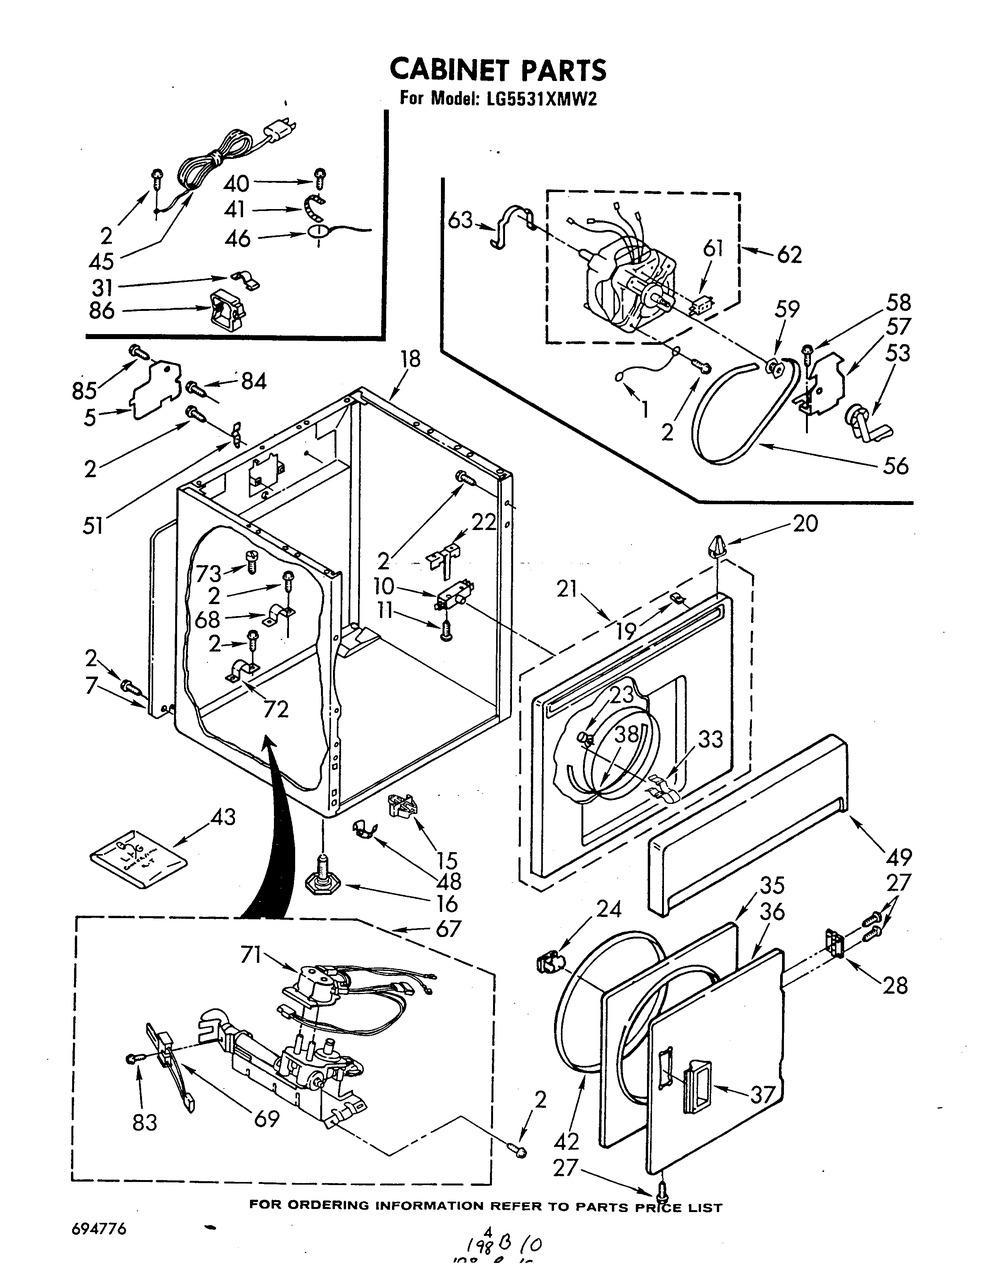 Diagram for LG5531XMW2